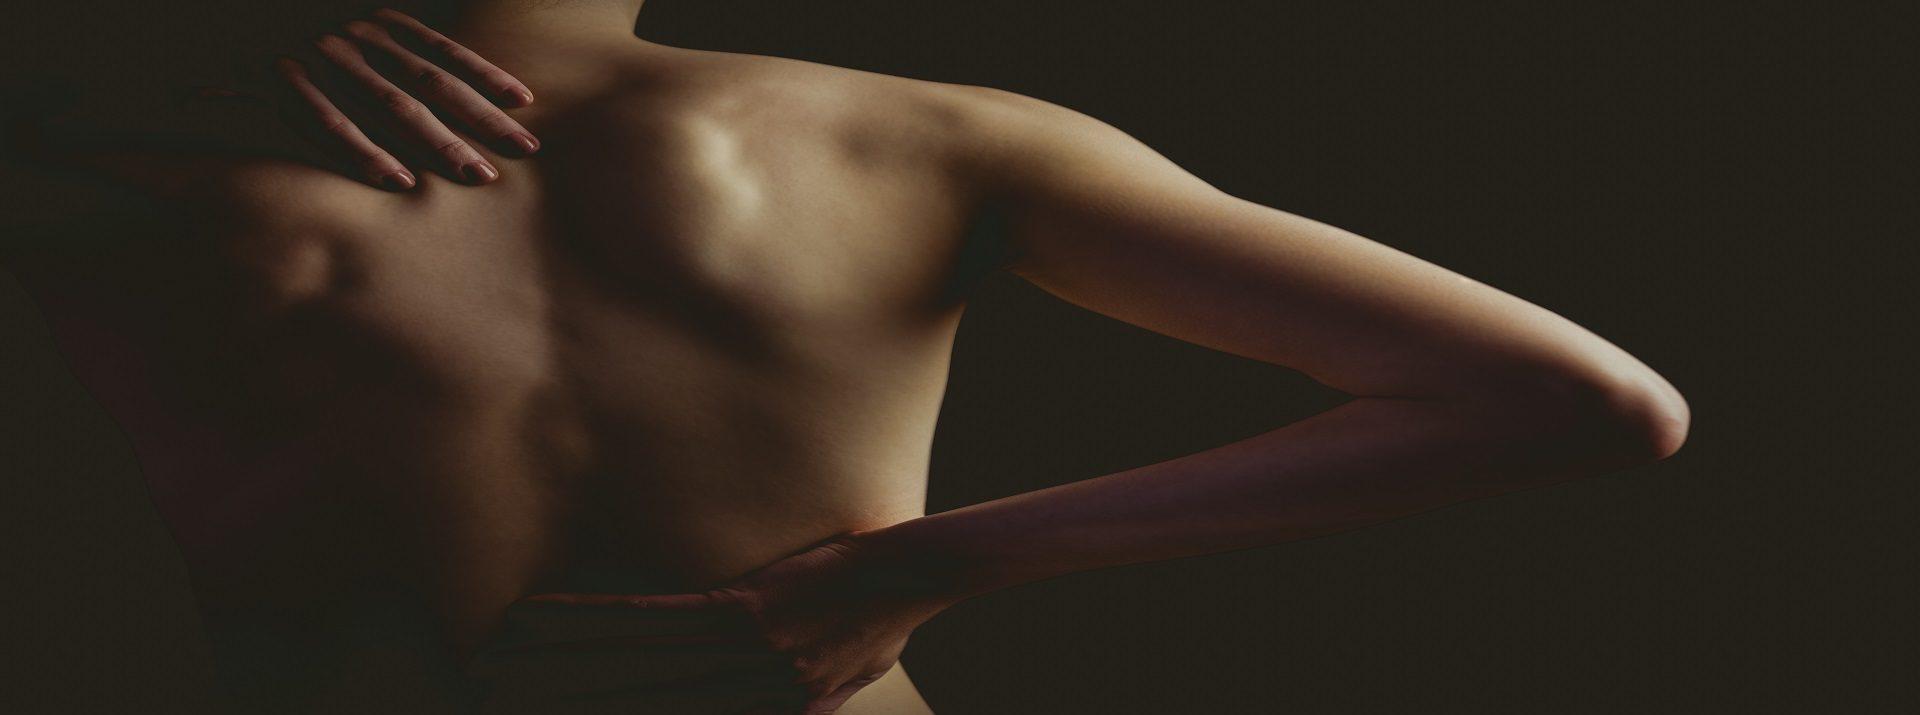 Brussels chiropractor